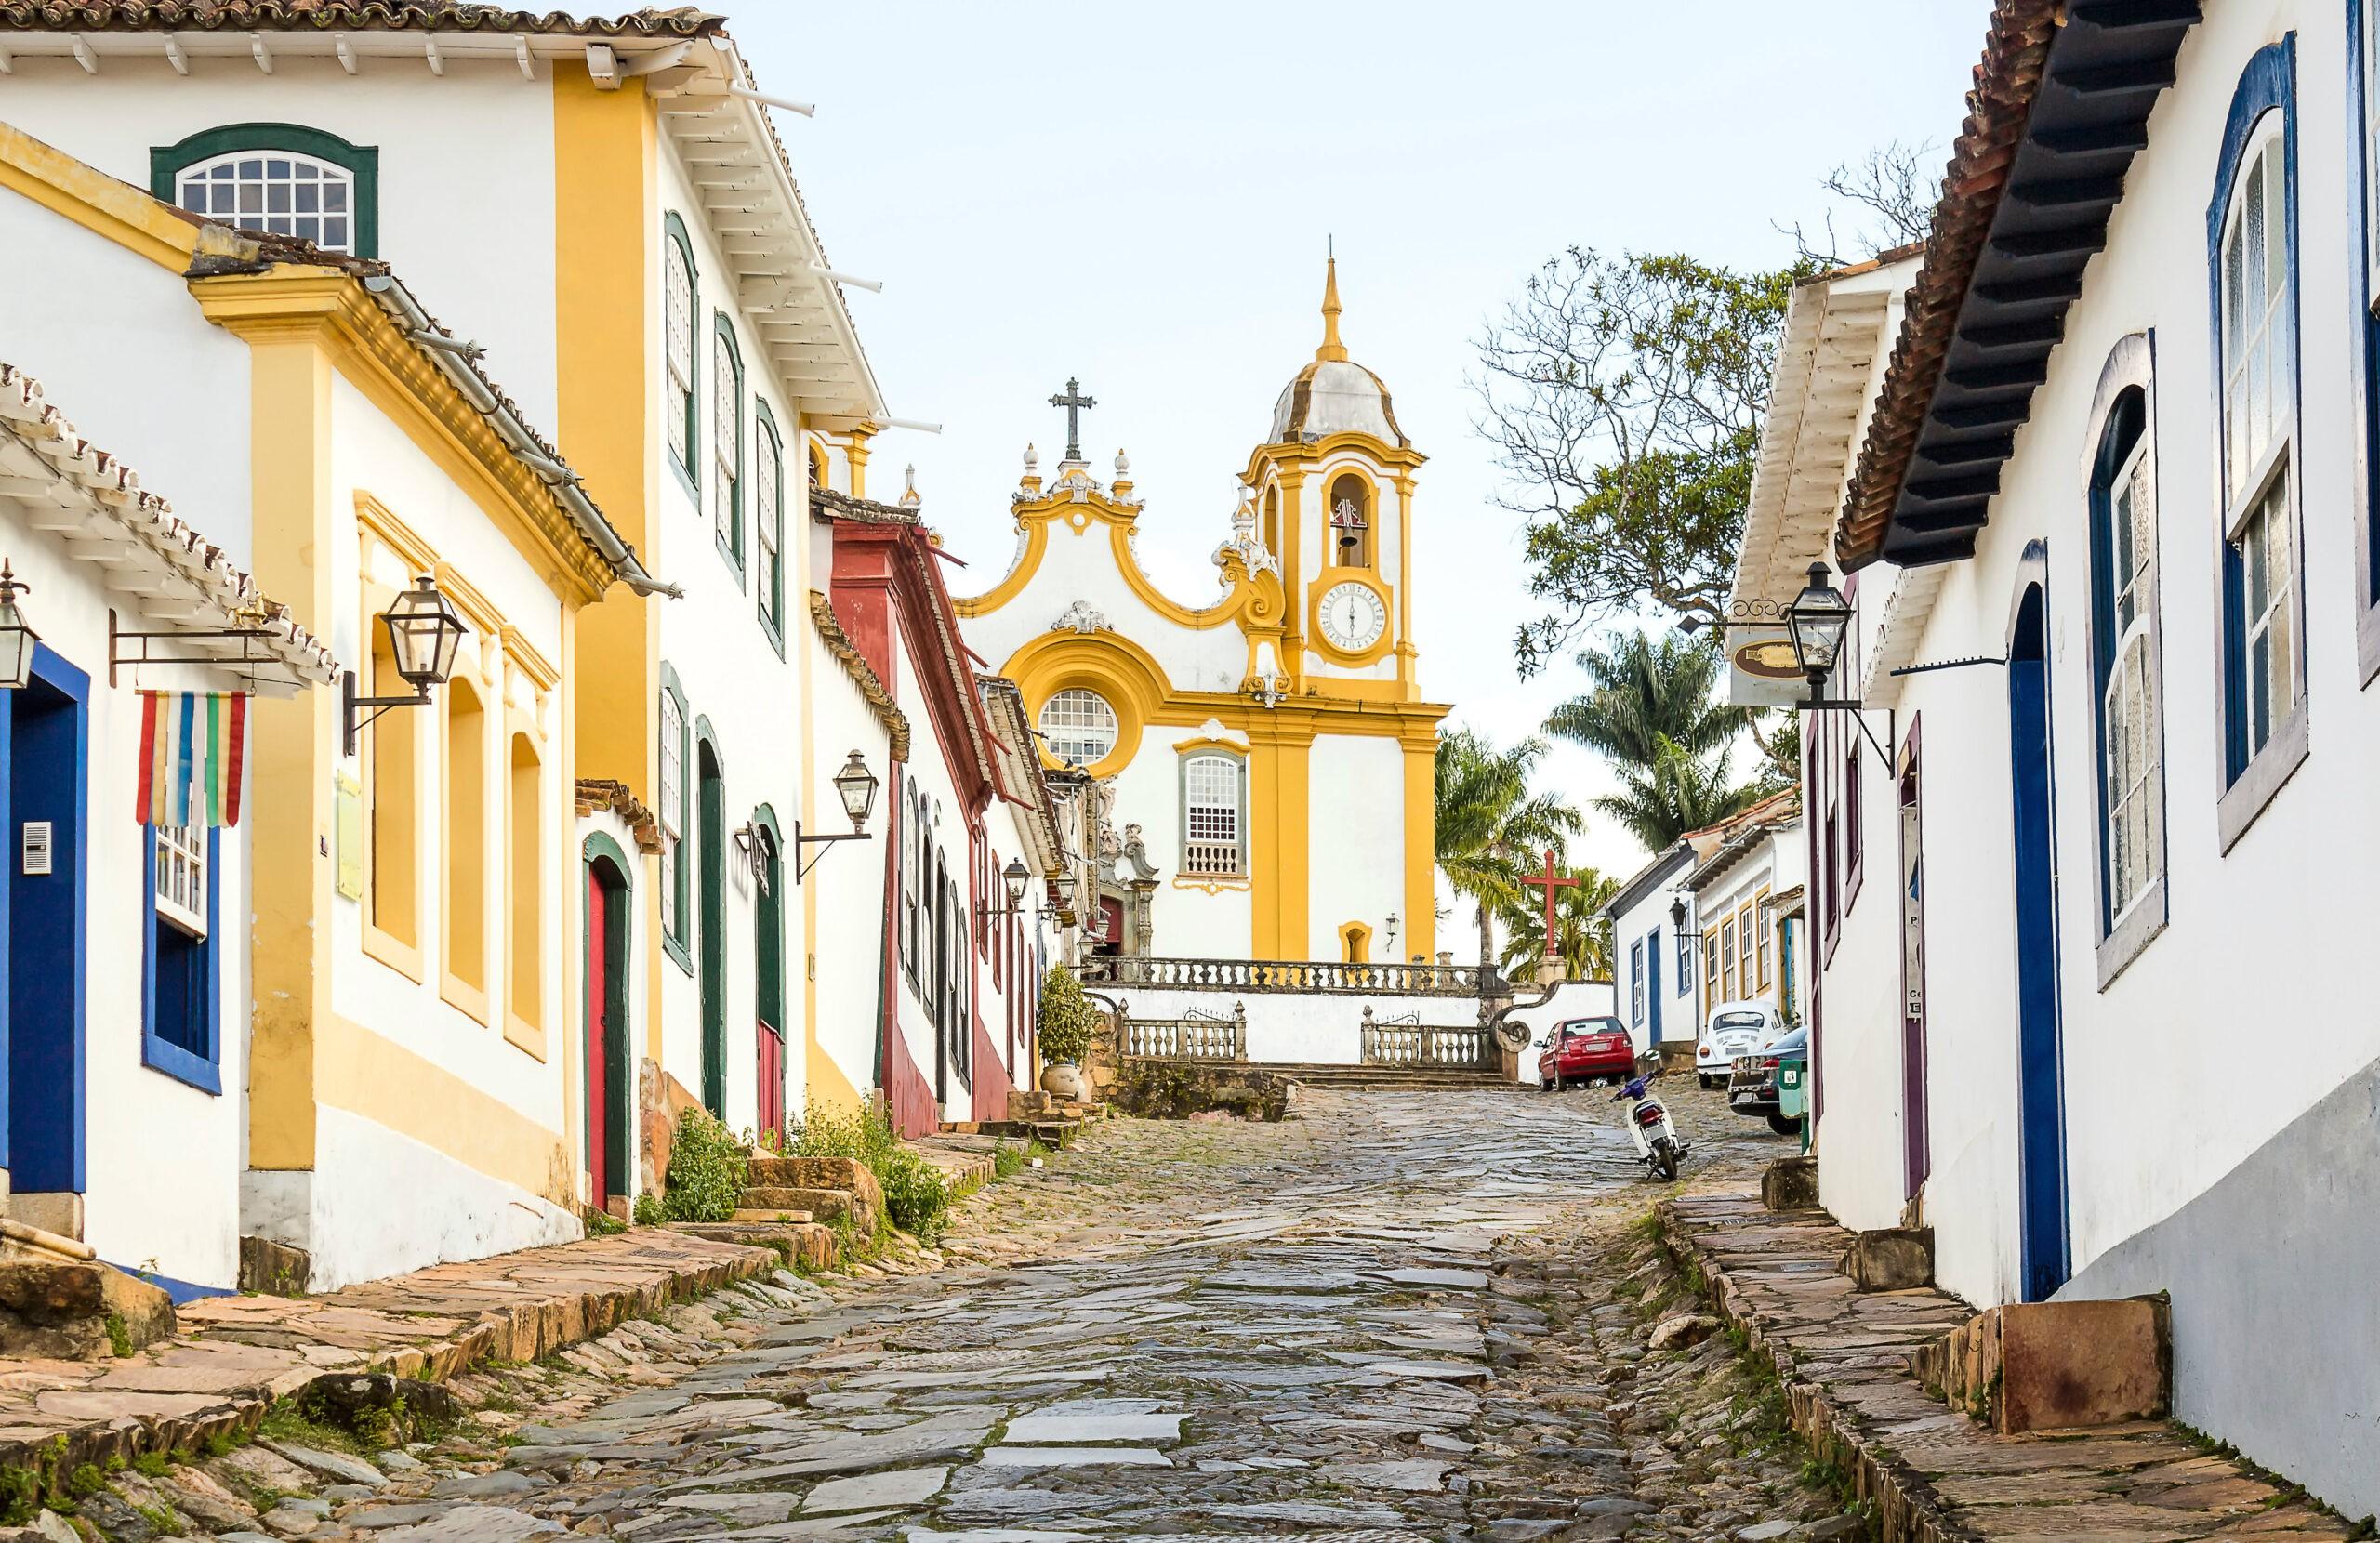 Centro histórico de Tiradentes, MG